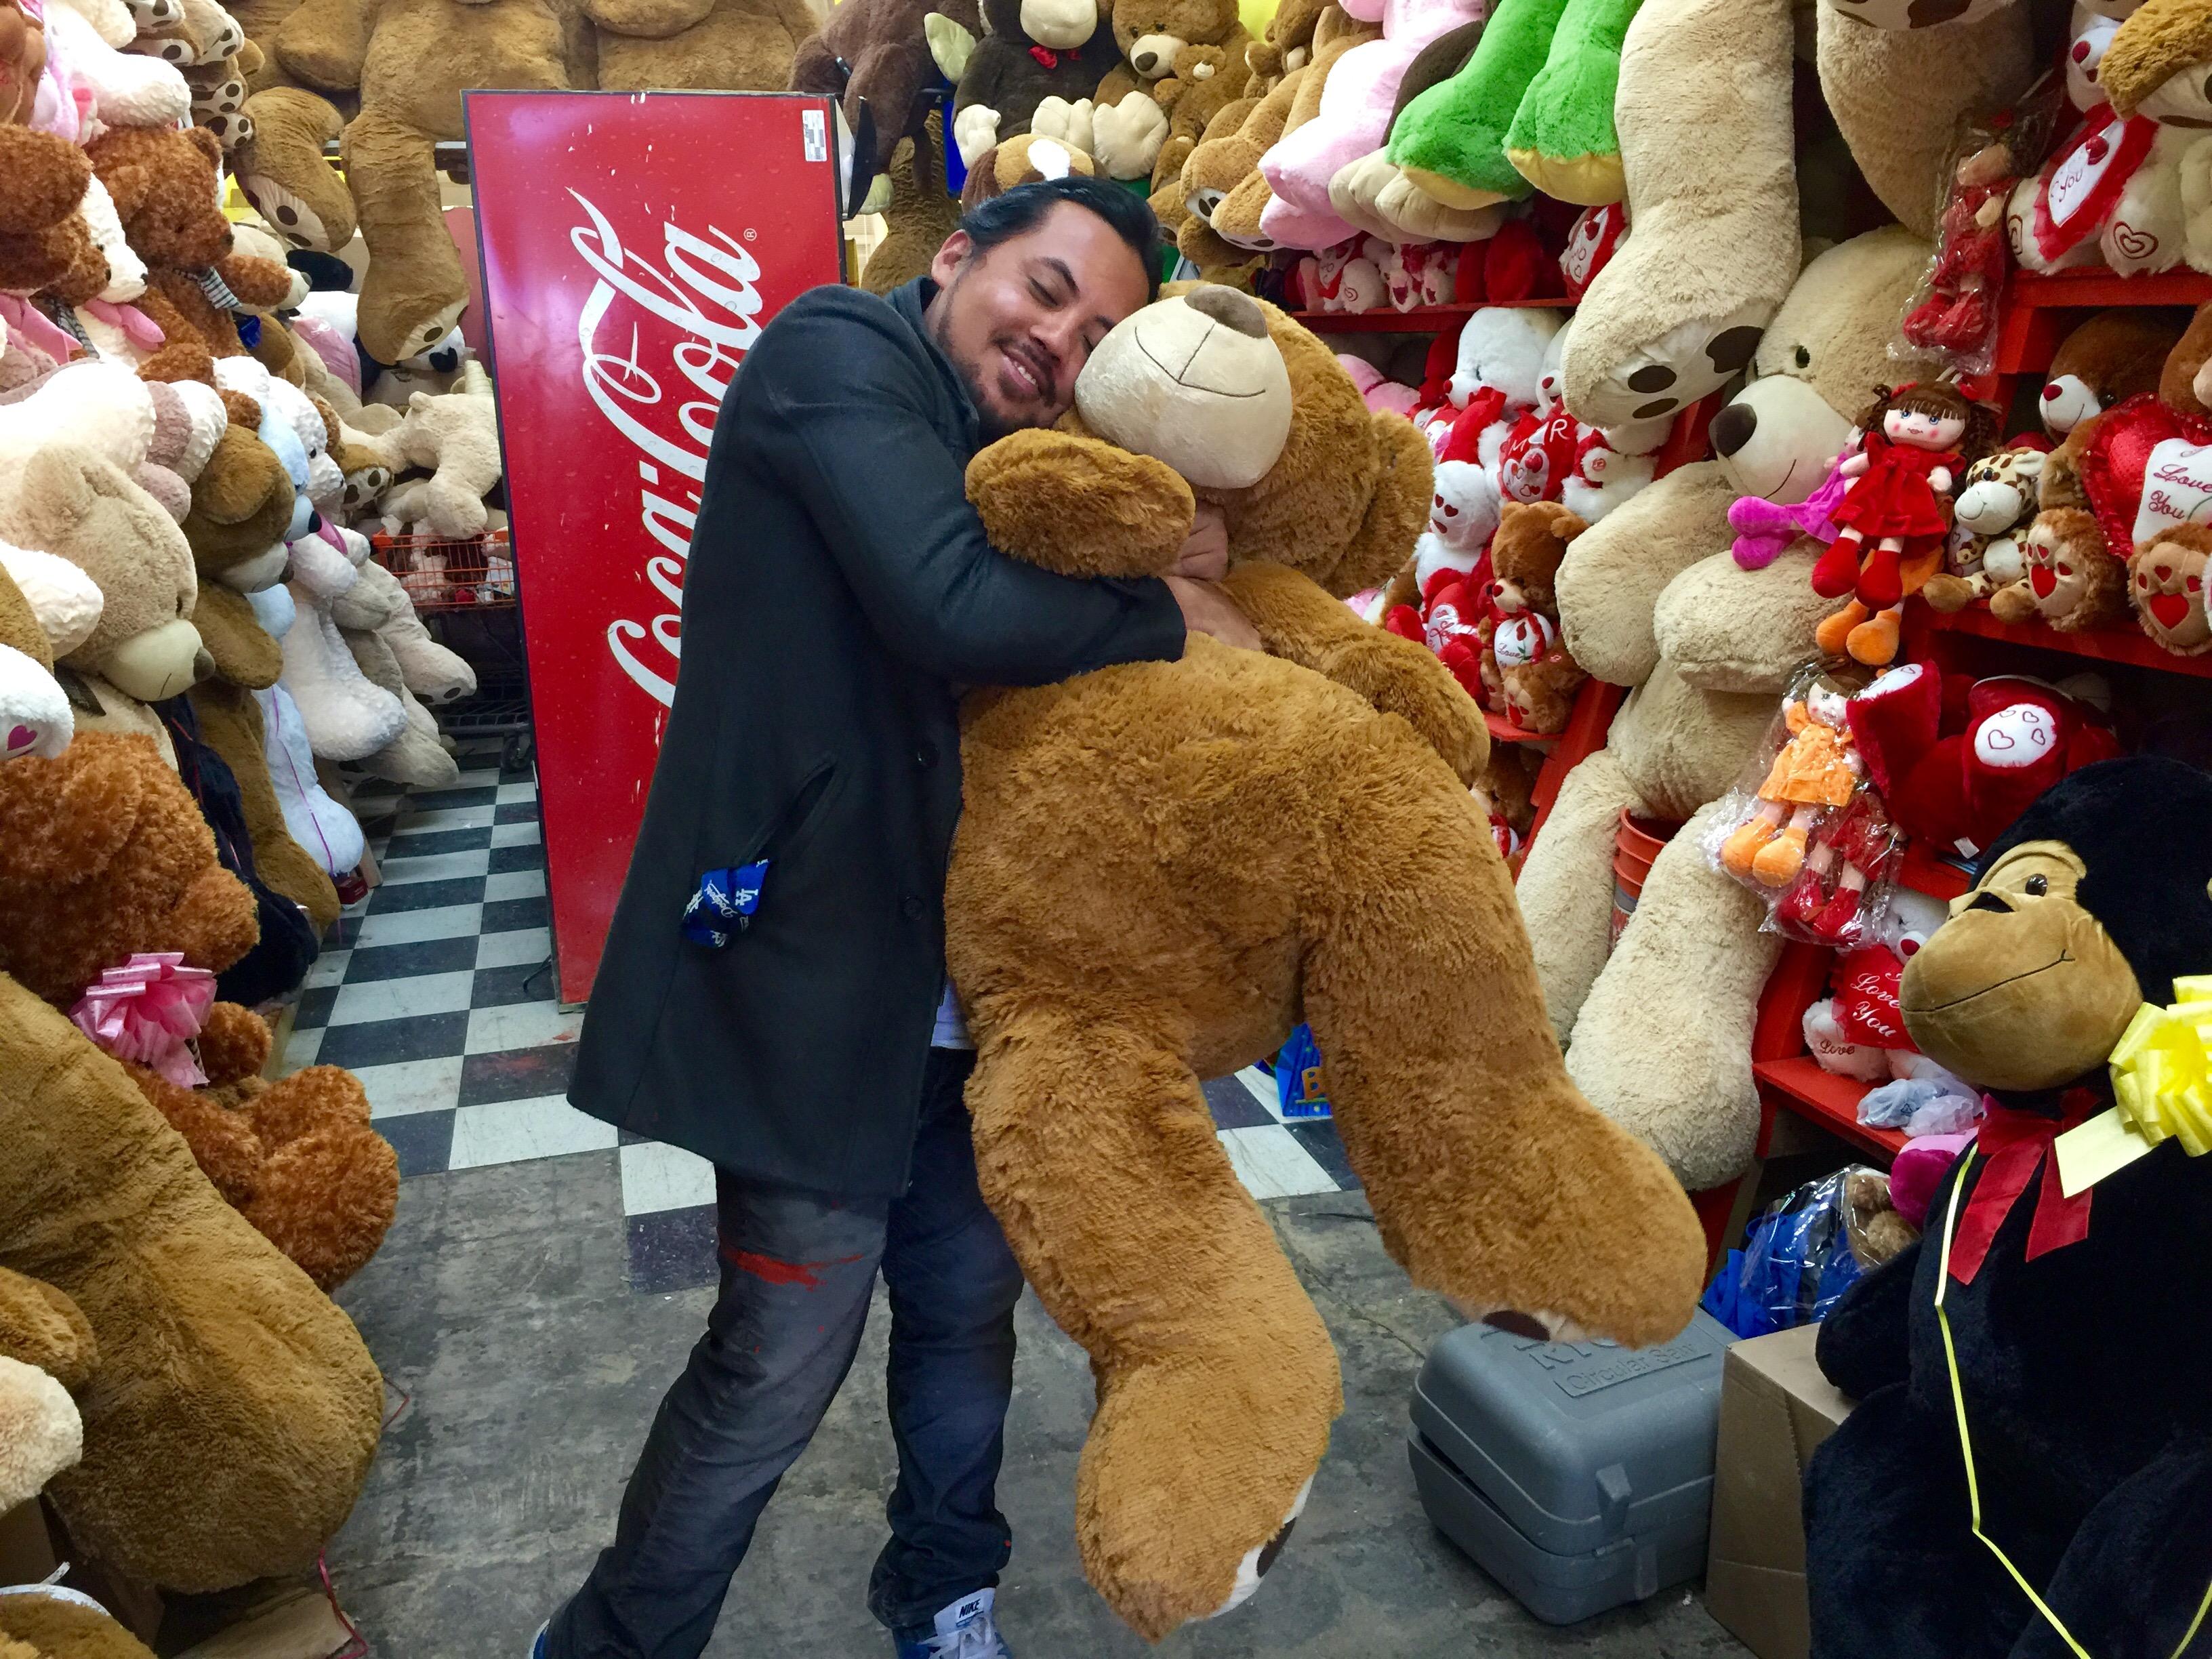 Joshua Montalvo está feliz de haber abierto un negocio de osos de peluche gigantes en el sur de Los Ángeles para comenzar a dar una imagen positiva al área donde vive. (Araceli Martinez/La Opinión).